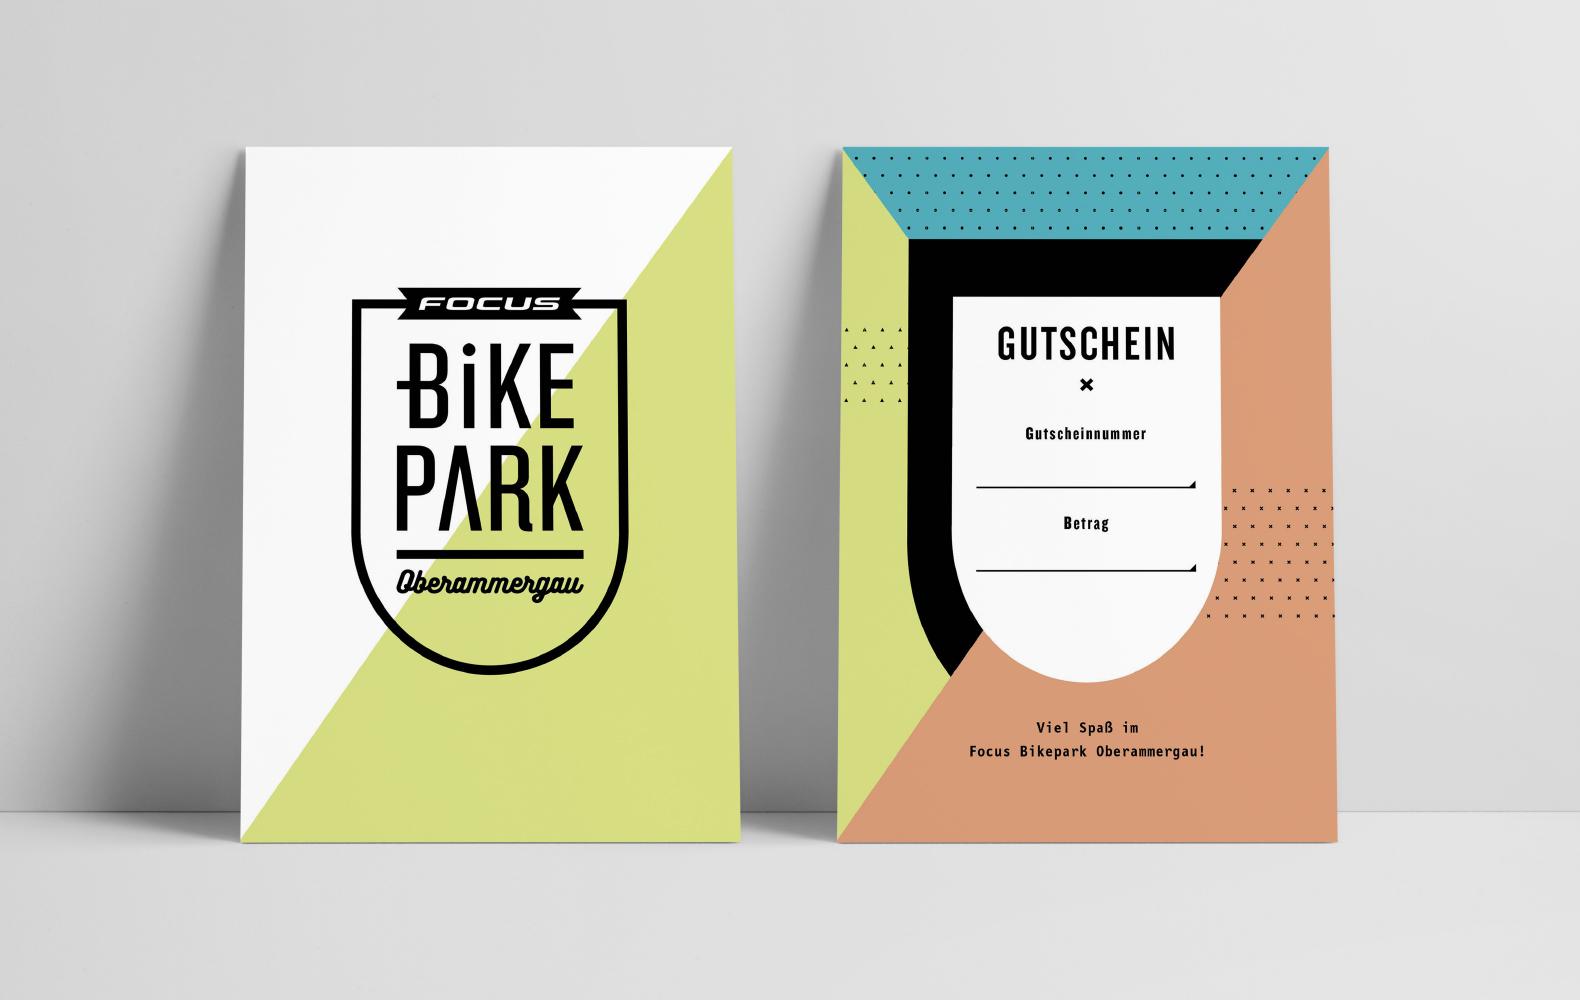 Gutschein-bikepark-oberammergau